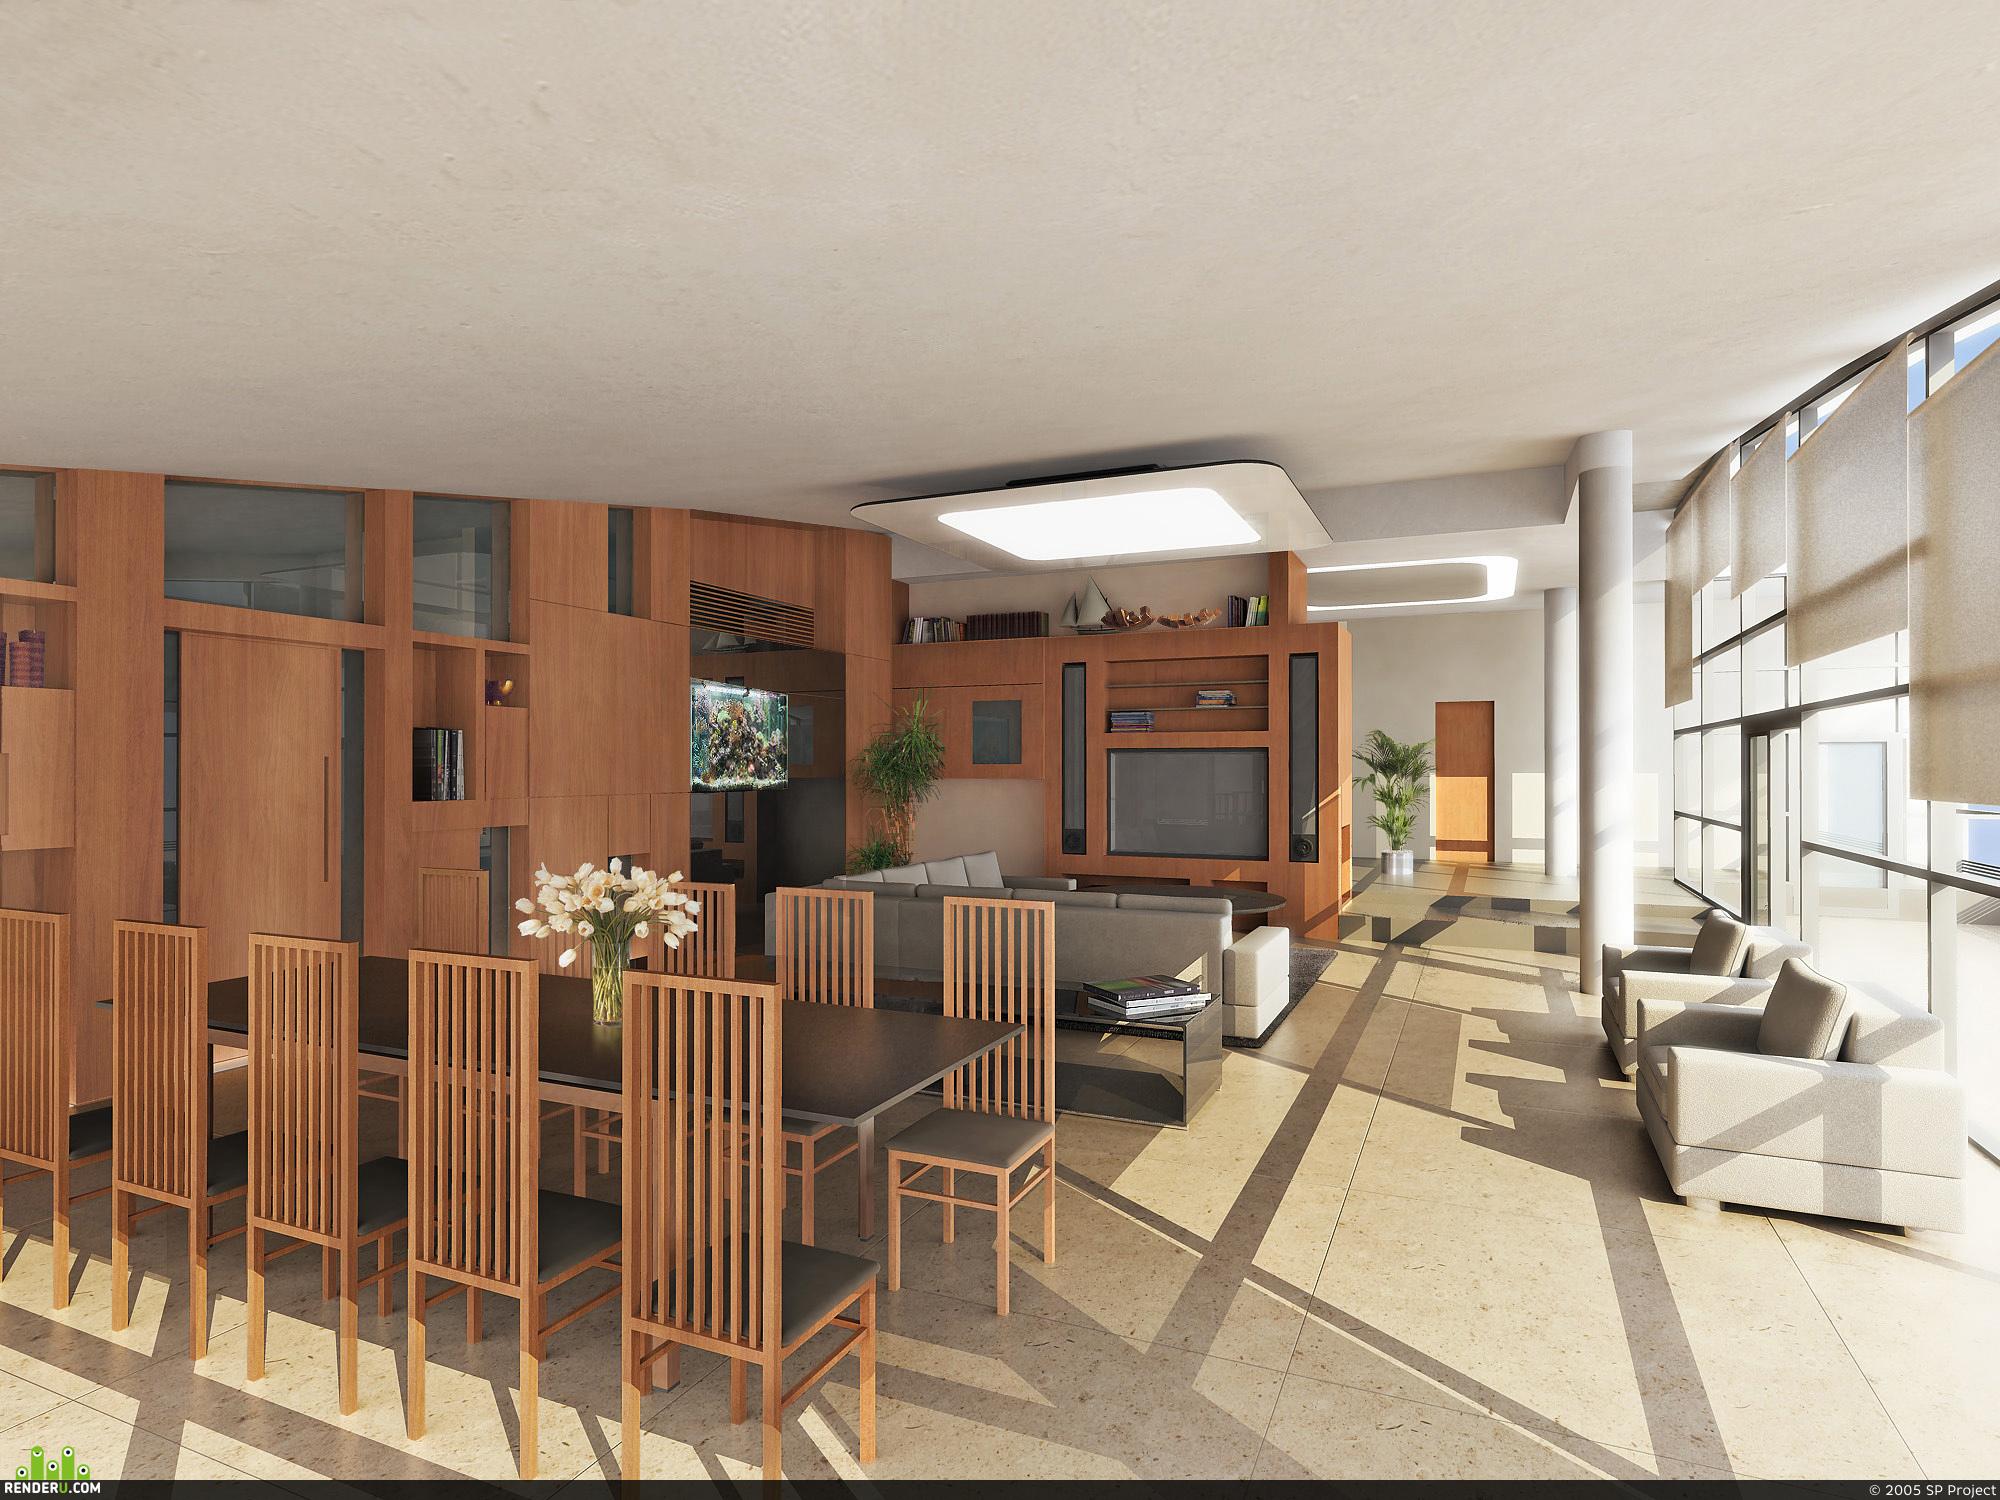 preview Визуализация интерьера элитного дома